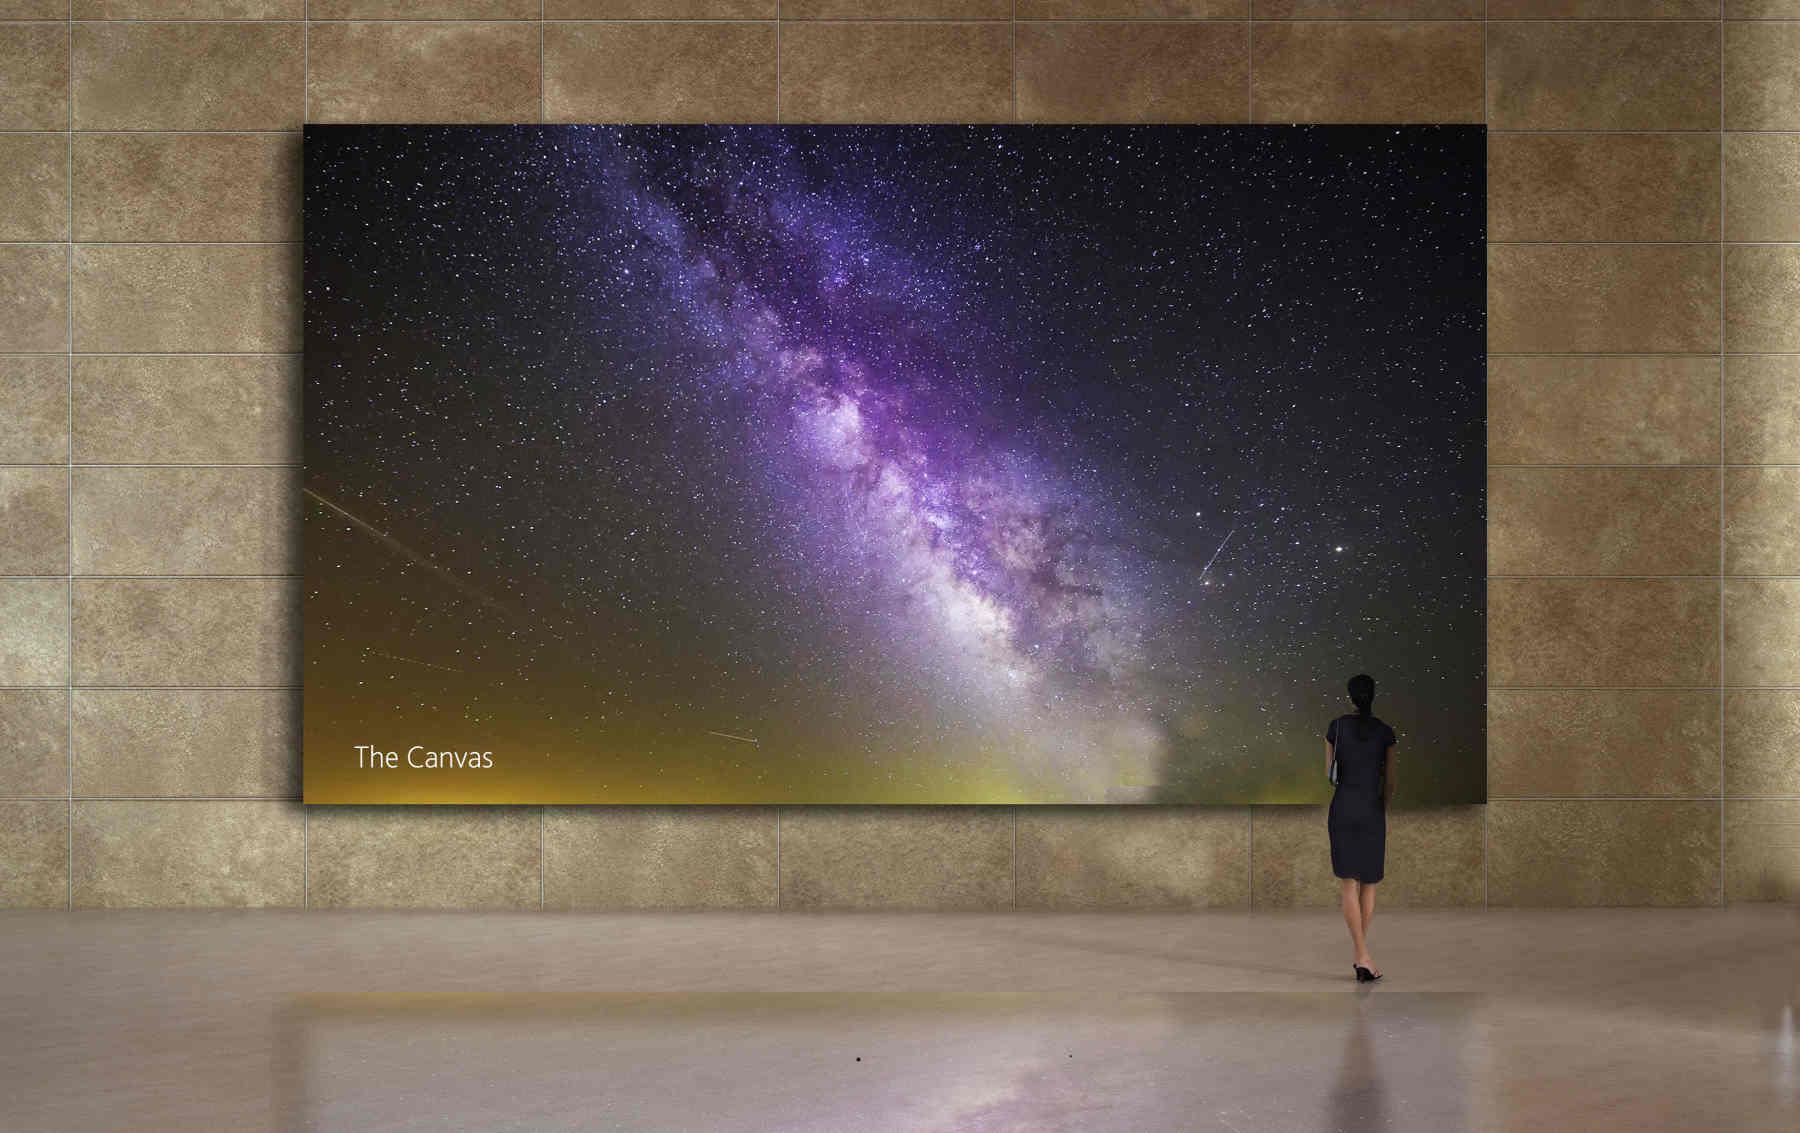 Sharp công bố màn hình microLED The Canvas: đỉnh sáng 2.500 nit, độ phân giải 16K, 100% DCI-P3